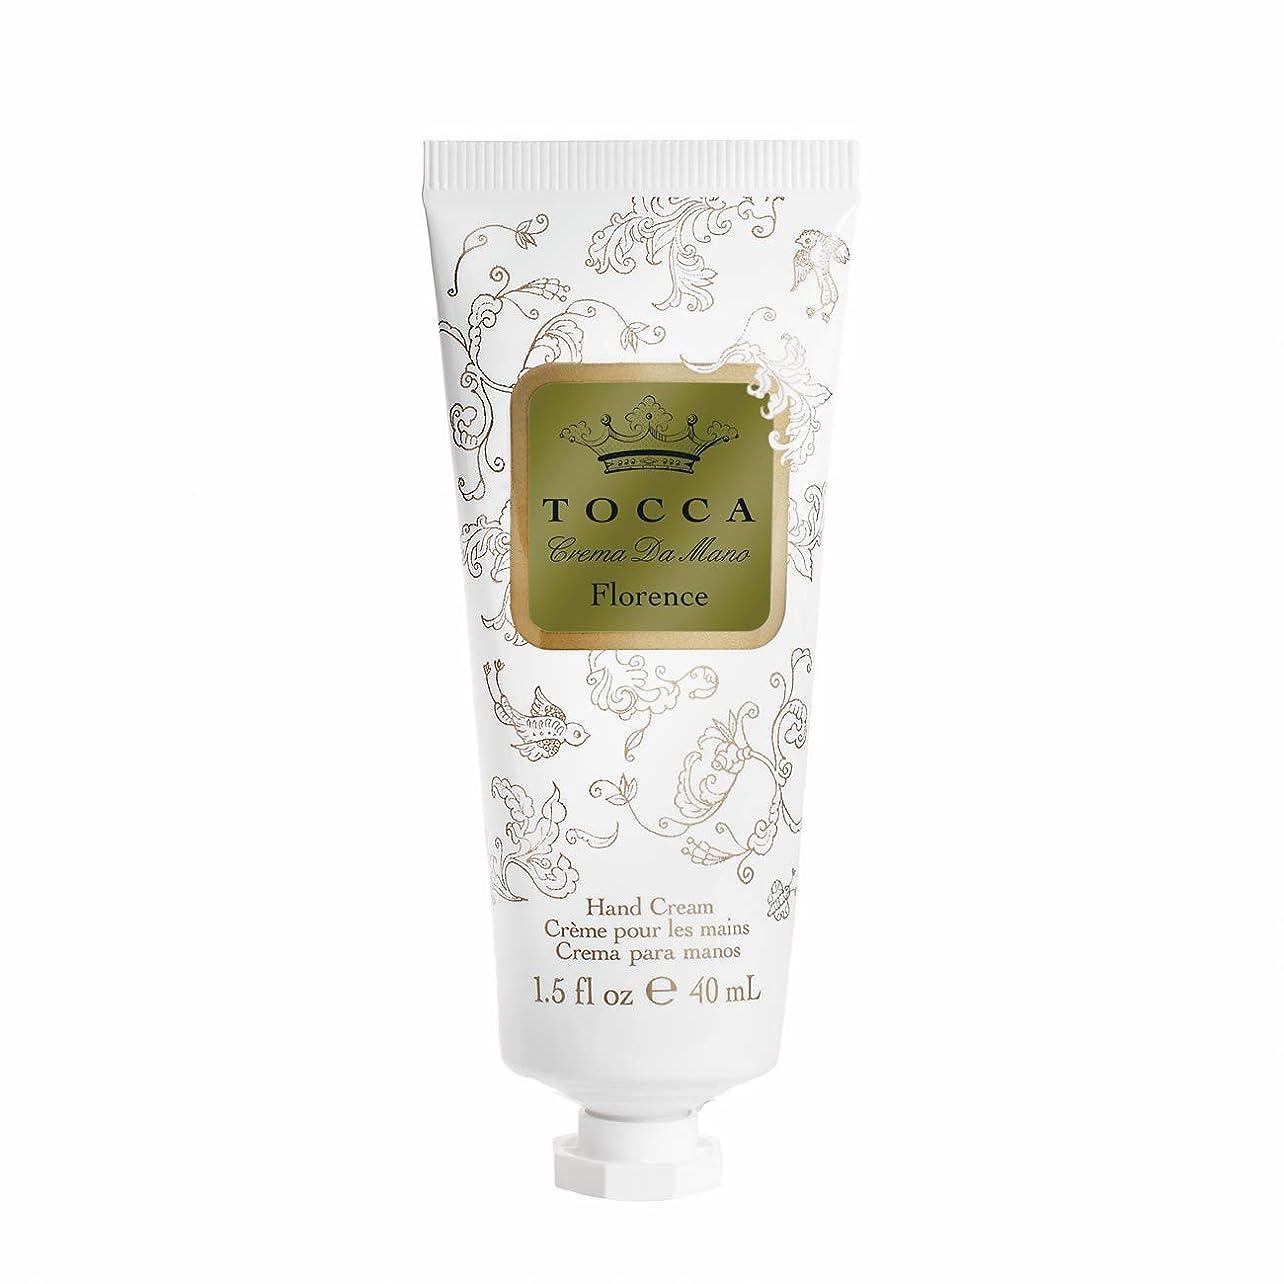 フレームワークなめる蛇行トッカ(TOCCA) ハンドクリーム フローレンスの香り 40mL (ガーデニアとベルガモットが誘うように溶け合うどこまでも上品なフローラルの香り)